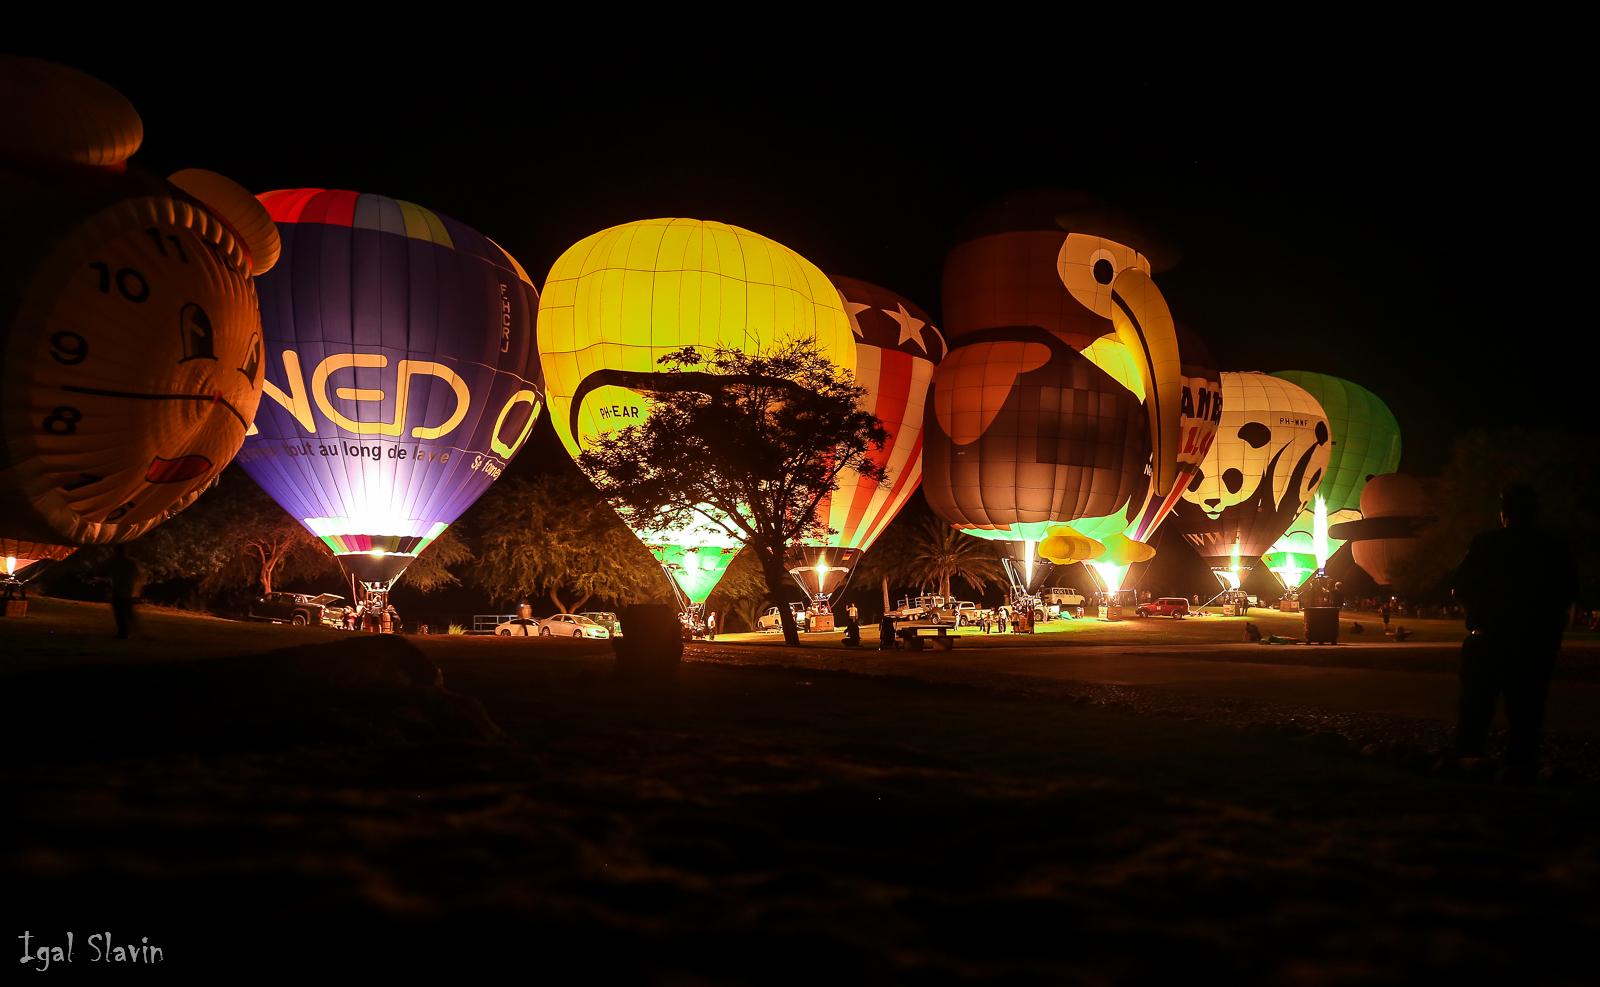 מופע ה-Night Glow (צילום: יגאל סלבין)